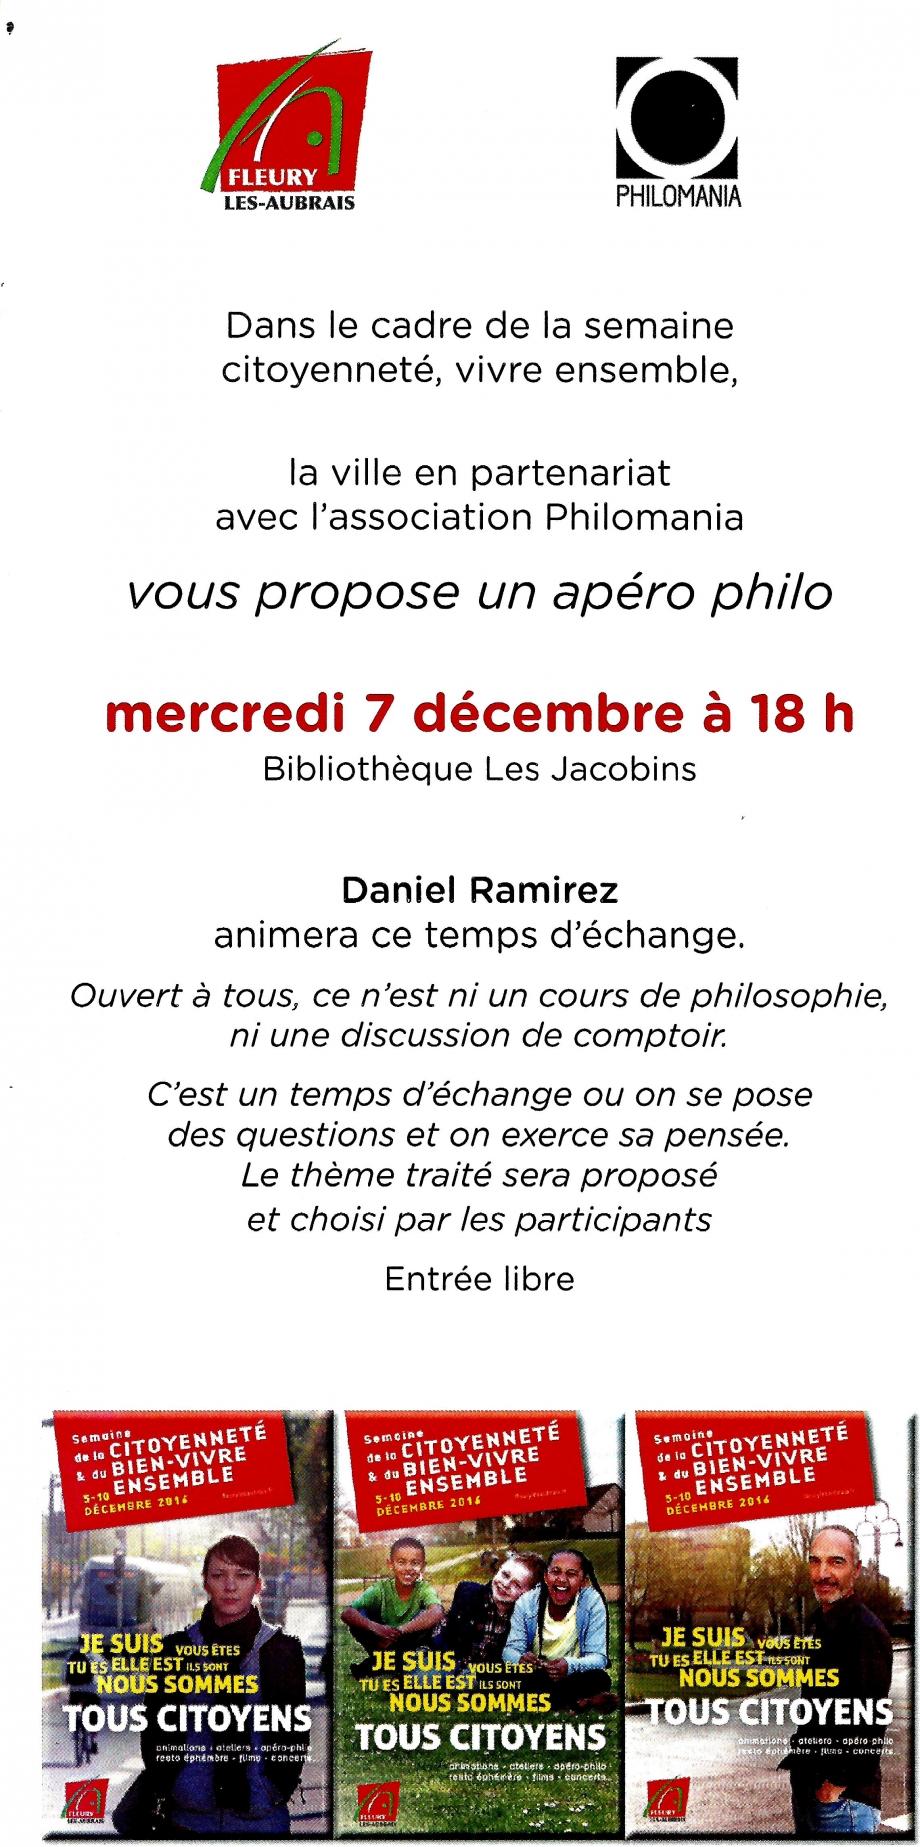 Scan Affiche Bibliothèque Les Jacobins. Vous propose un Apéro P.jpg